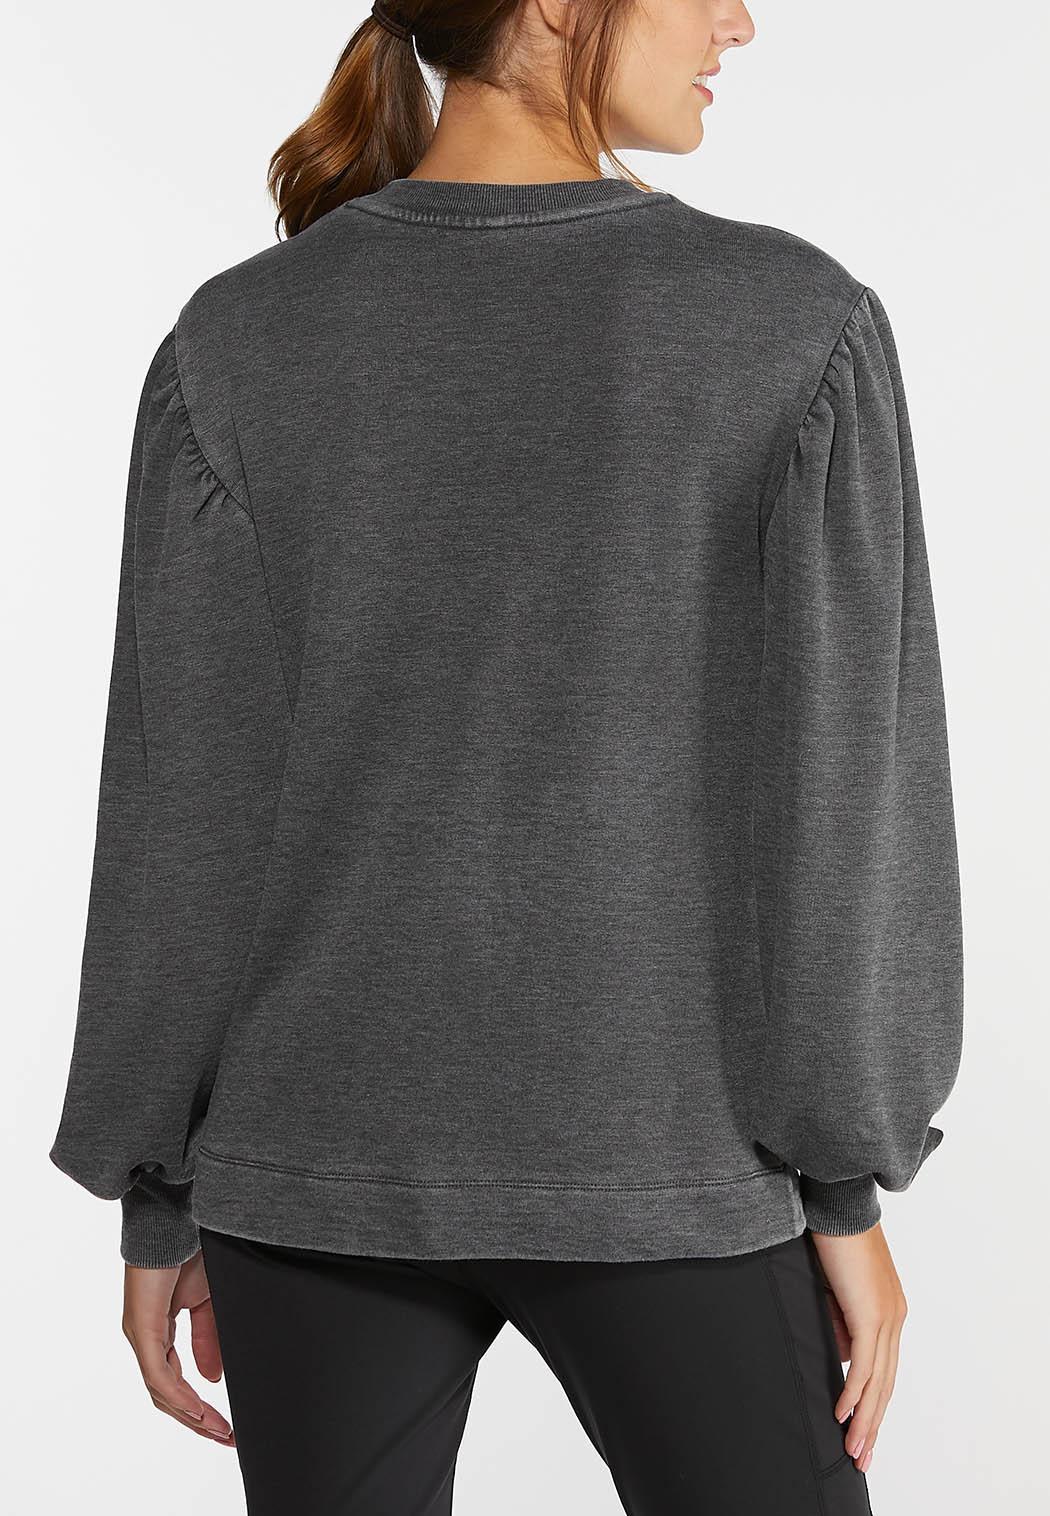 Balloon Sleeve Sweatshirt (Item #44386557)